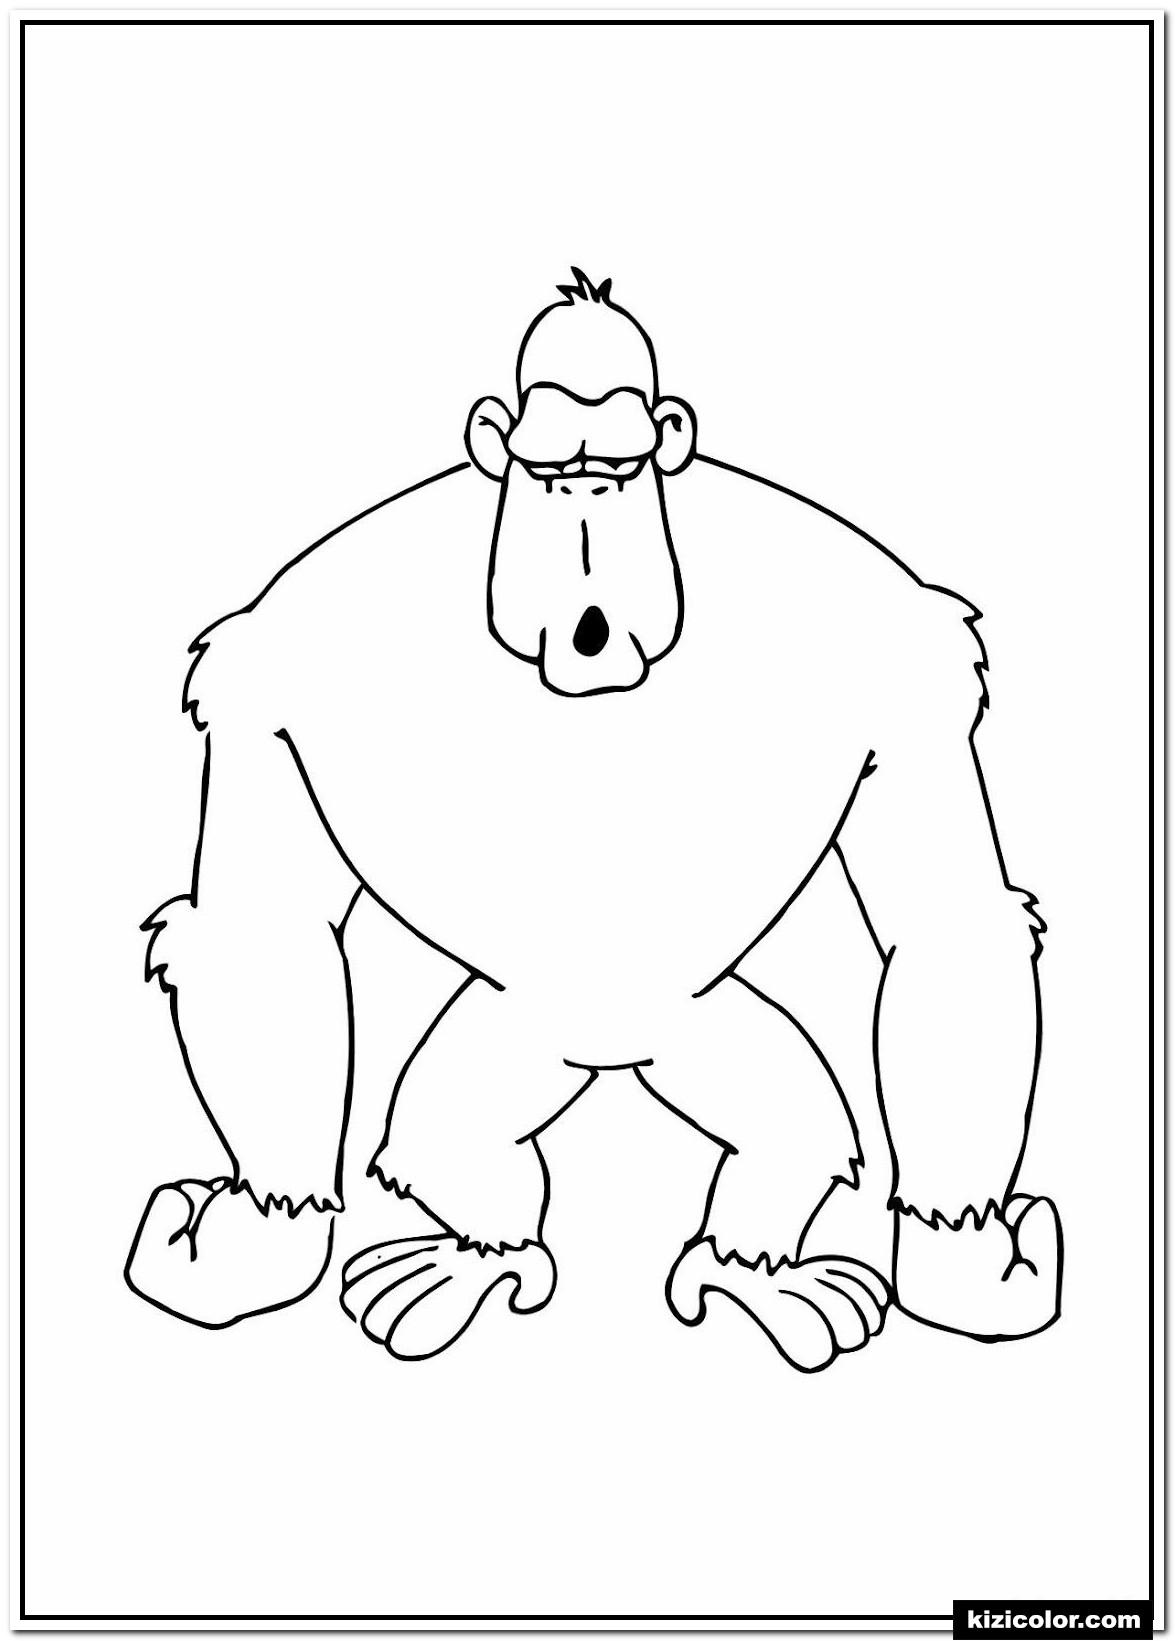 🎨 Gorille Prescolaire S Animaux Du Zoo - Des Pages À serapportantà Coloriage Gorille